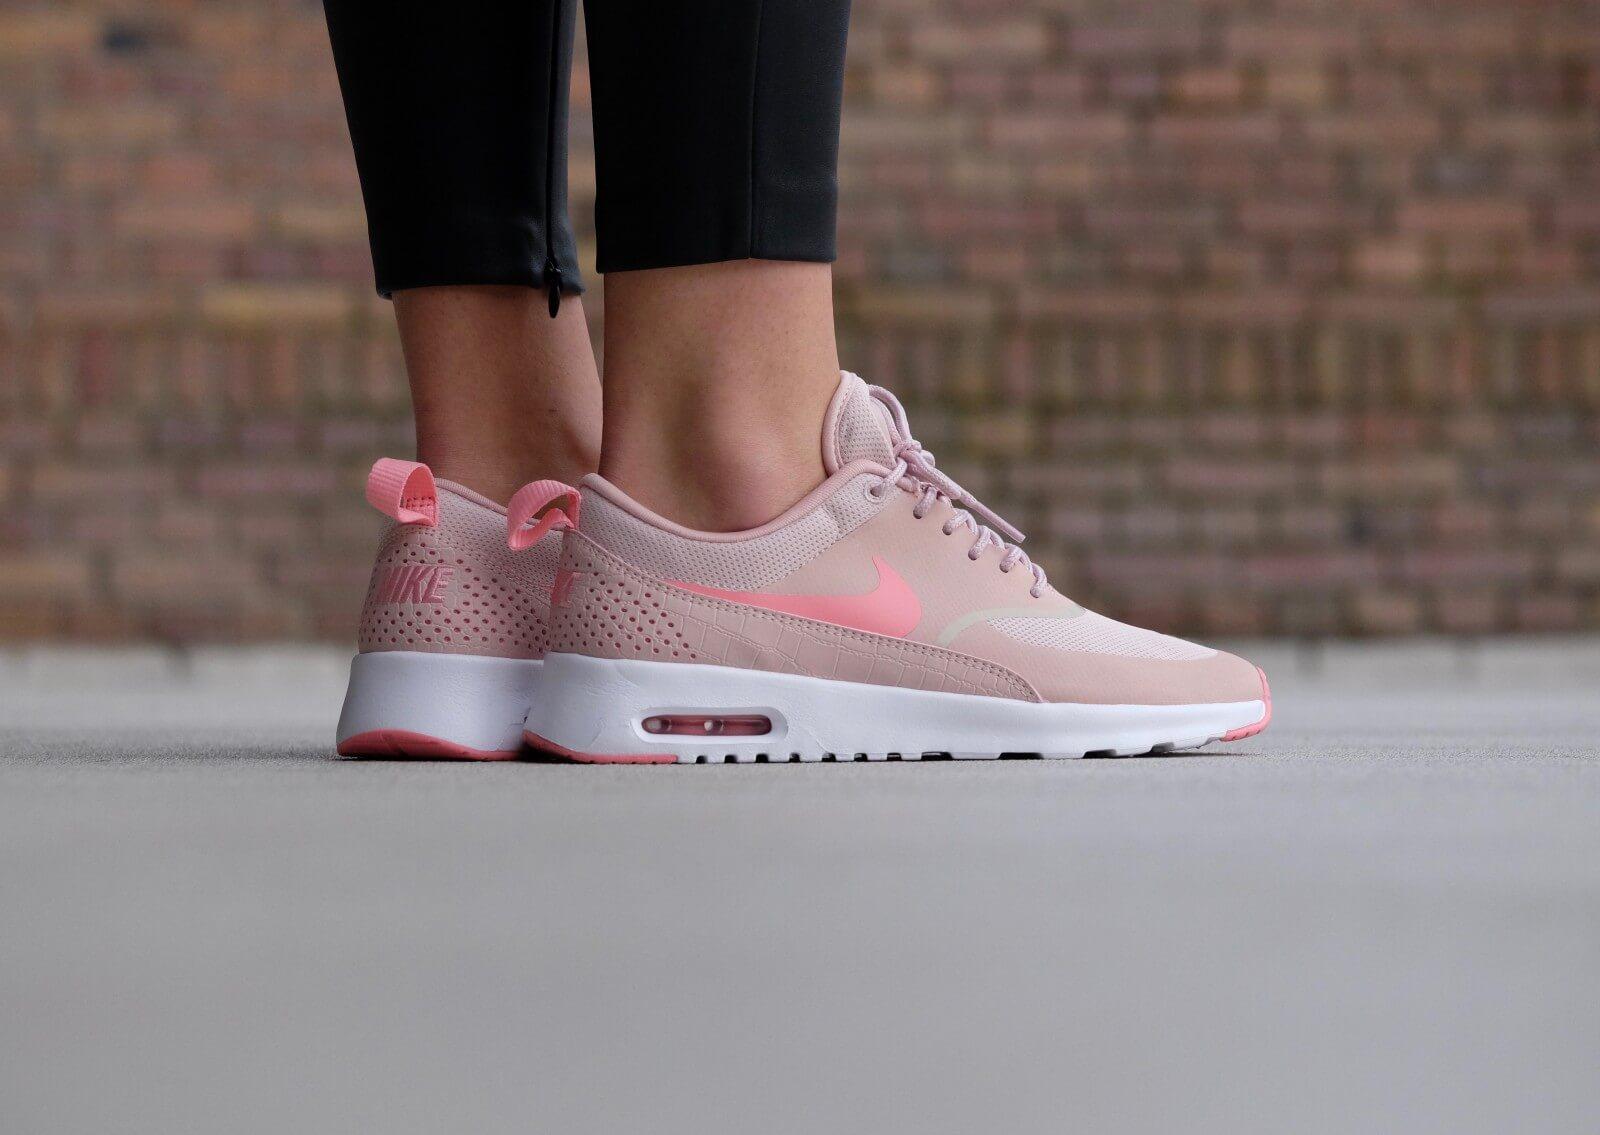 físico Librería Temporizador  Nike WMNS Air Max Thea Pink Oxford/Bright Melon-White - 599409-610